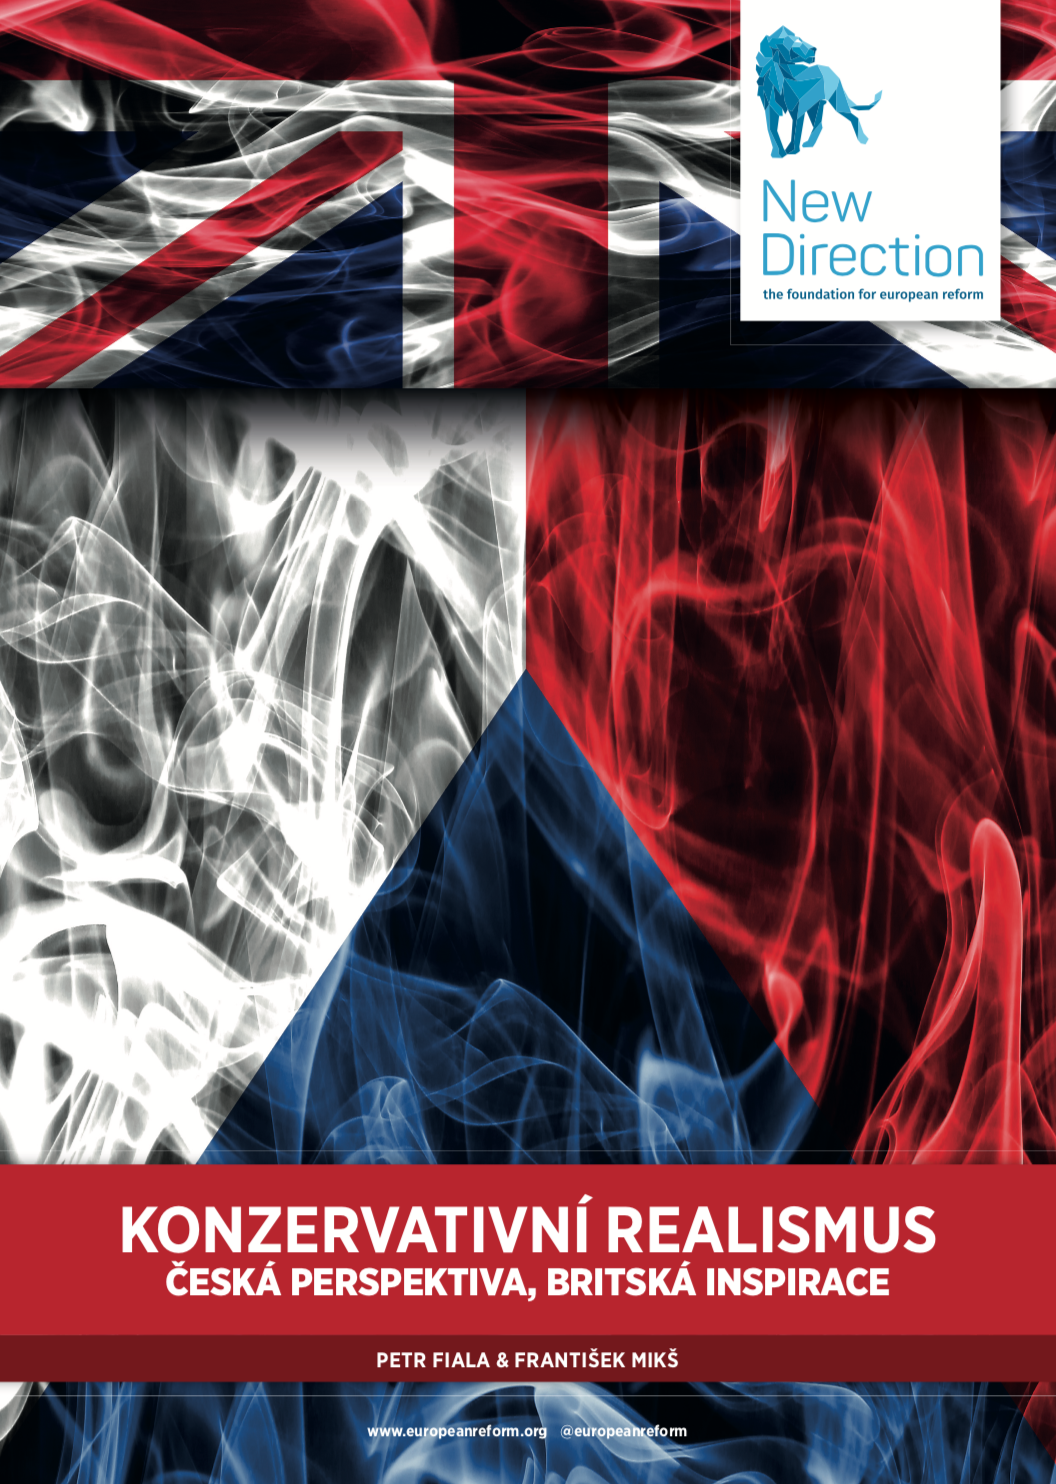 KONZERVATIVNÍ REALISMUS ČESKÁ PERSPEKTIVA, BRITSKÁ INSPIRACE